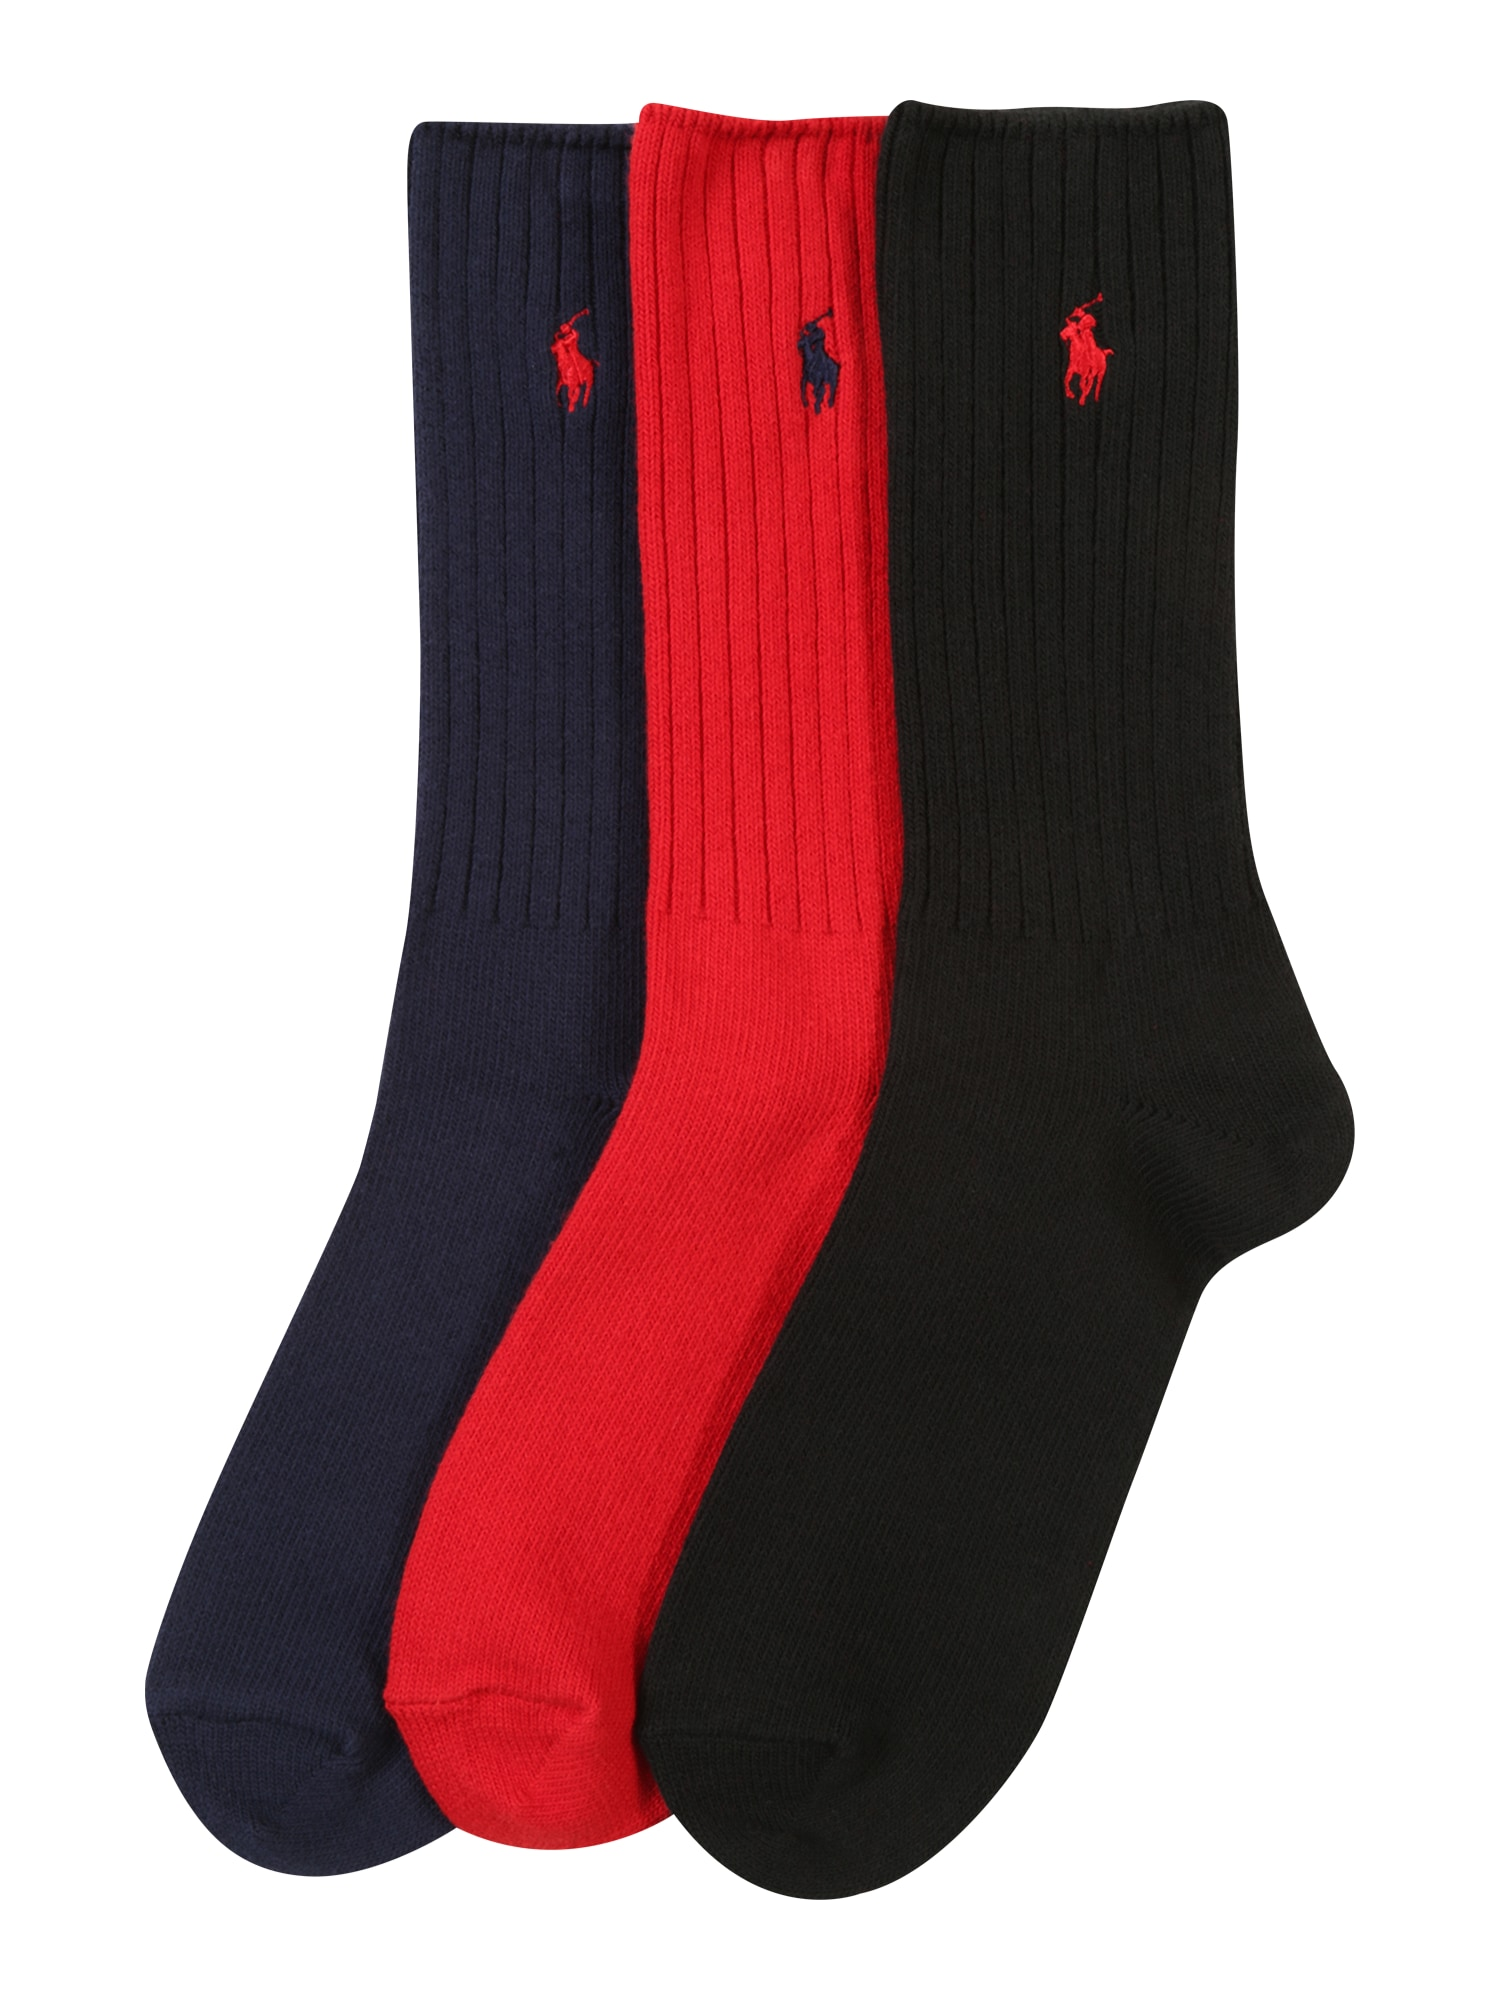 Ponožky modrá červená černá POLO RALPH LAUREN